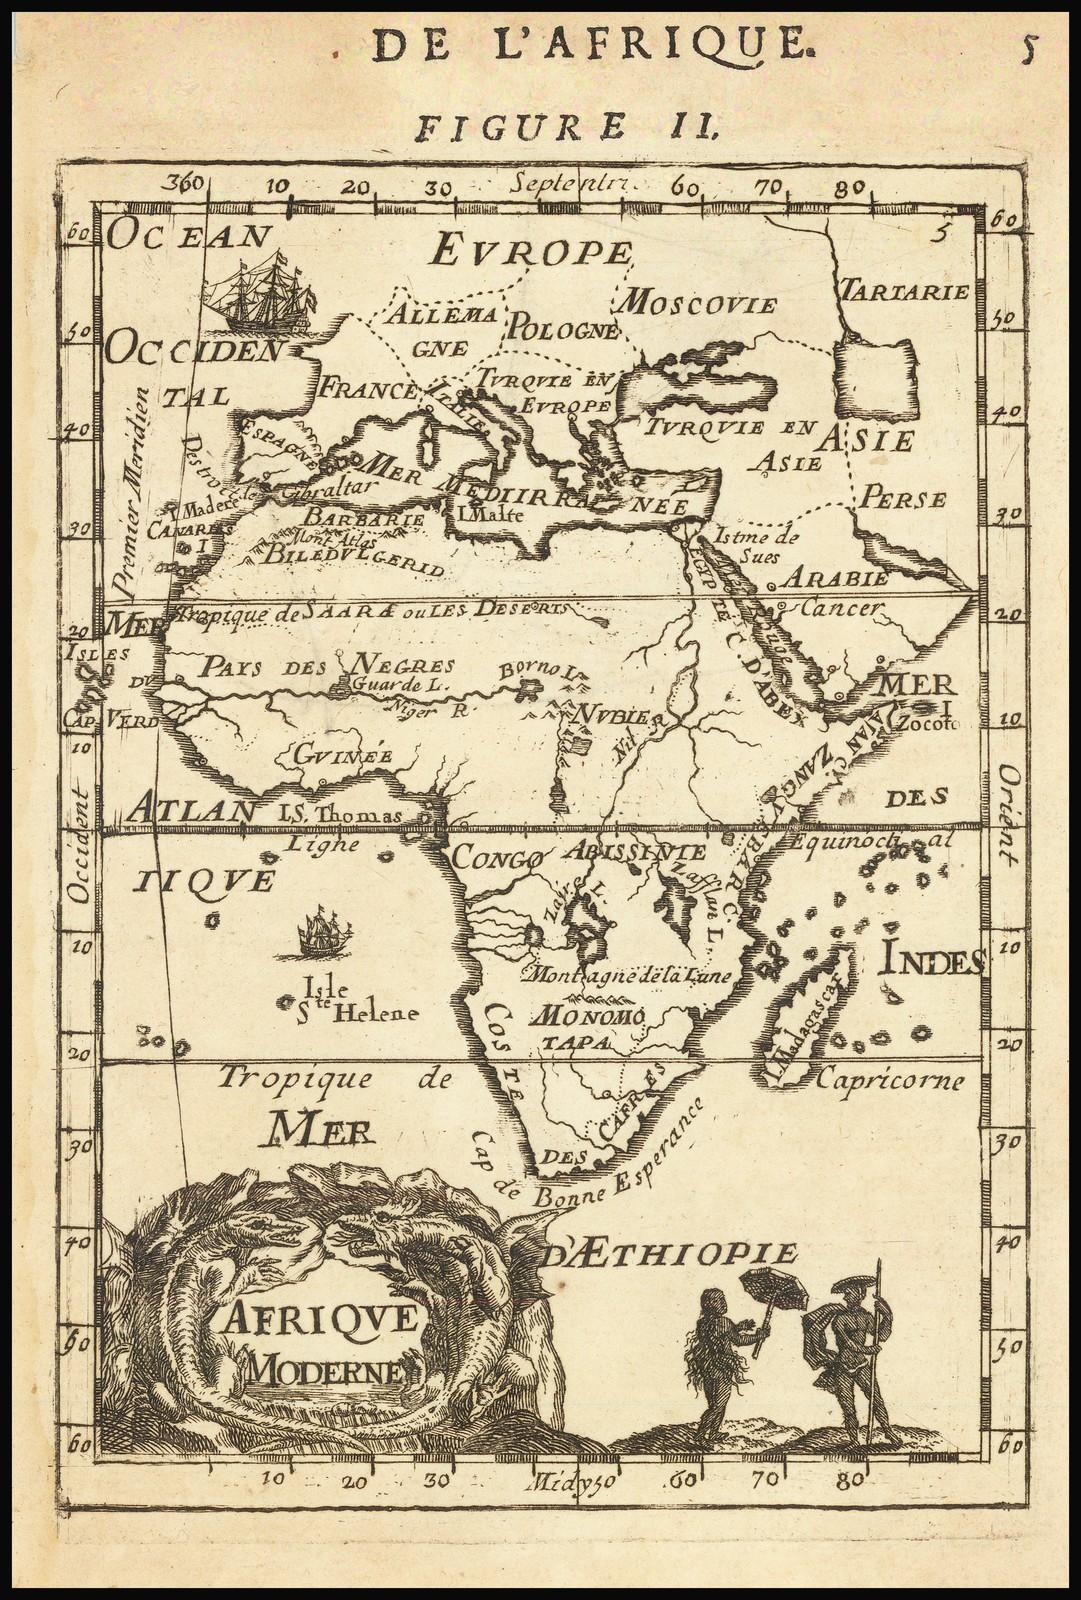 Редкая карта с изображением Африки, сделанная Аленом Маллетом в 1683 году